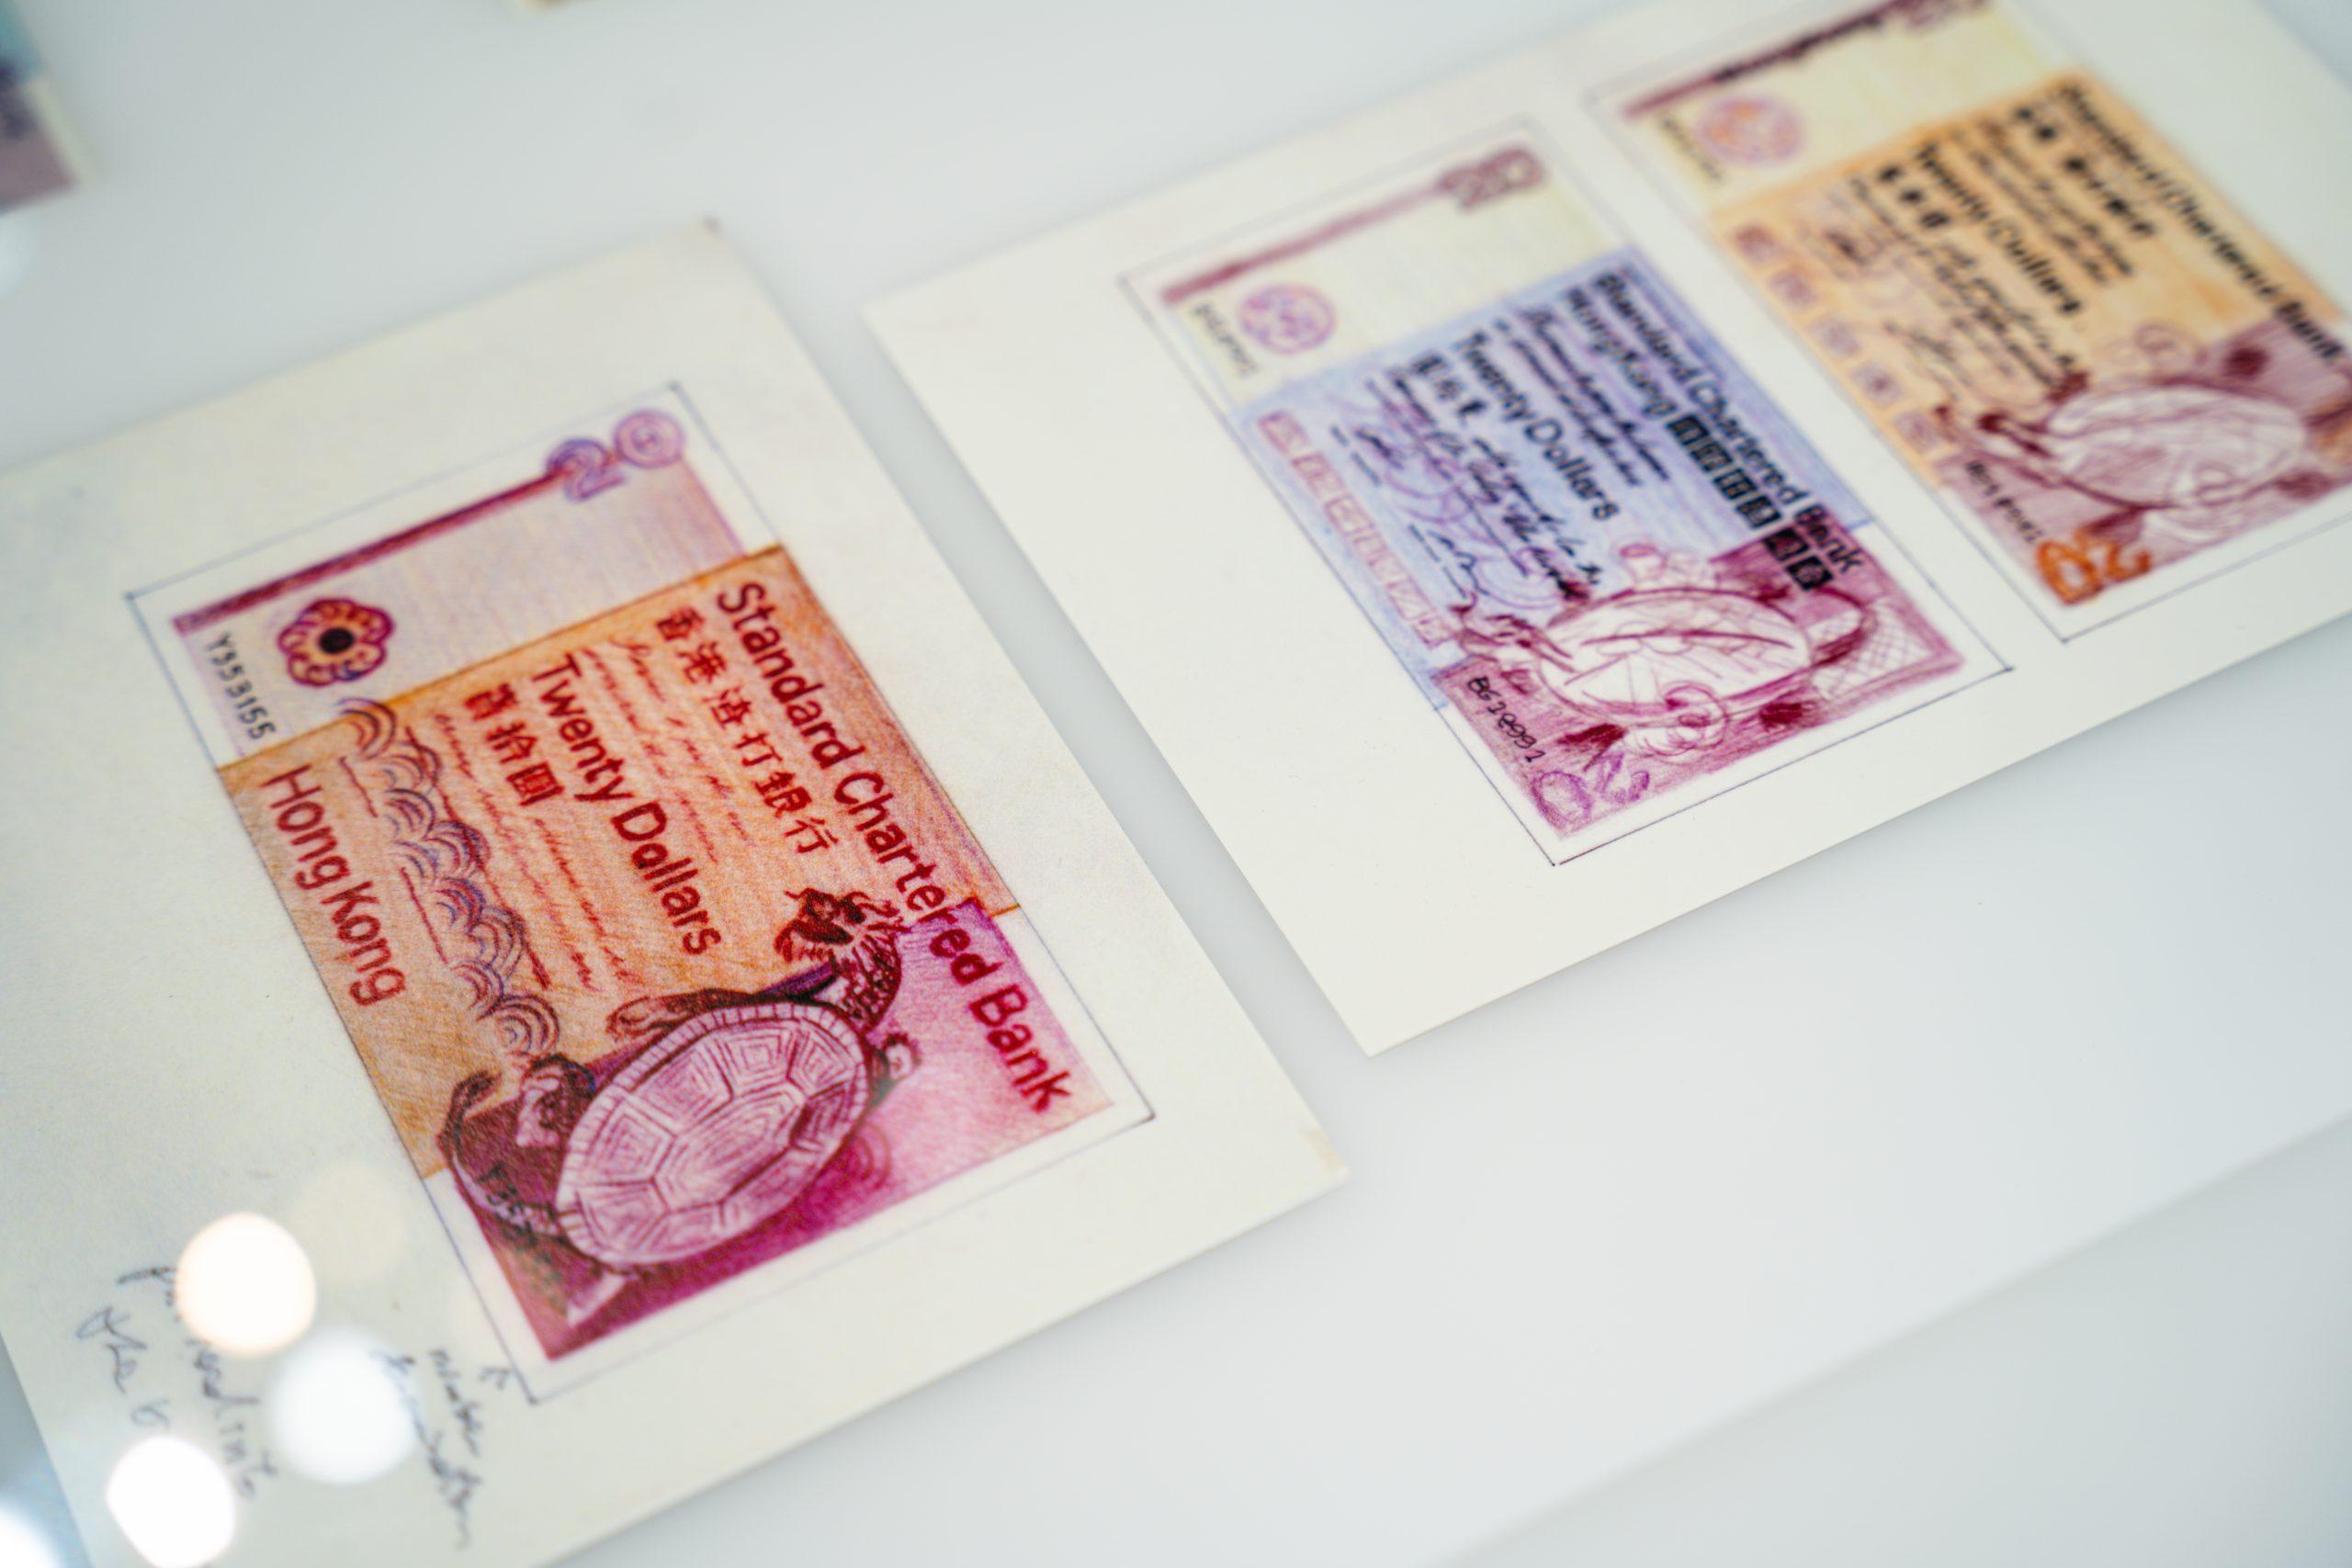 老香港設計展覽 石漢瑞 渣打銀行舊鈔